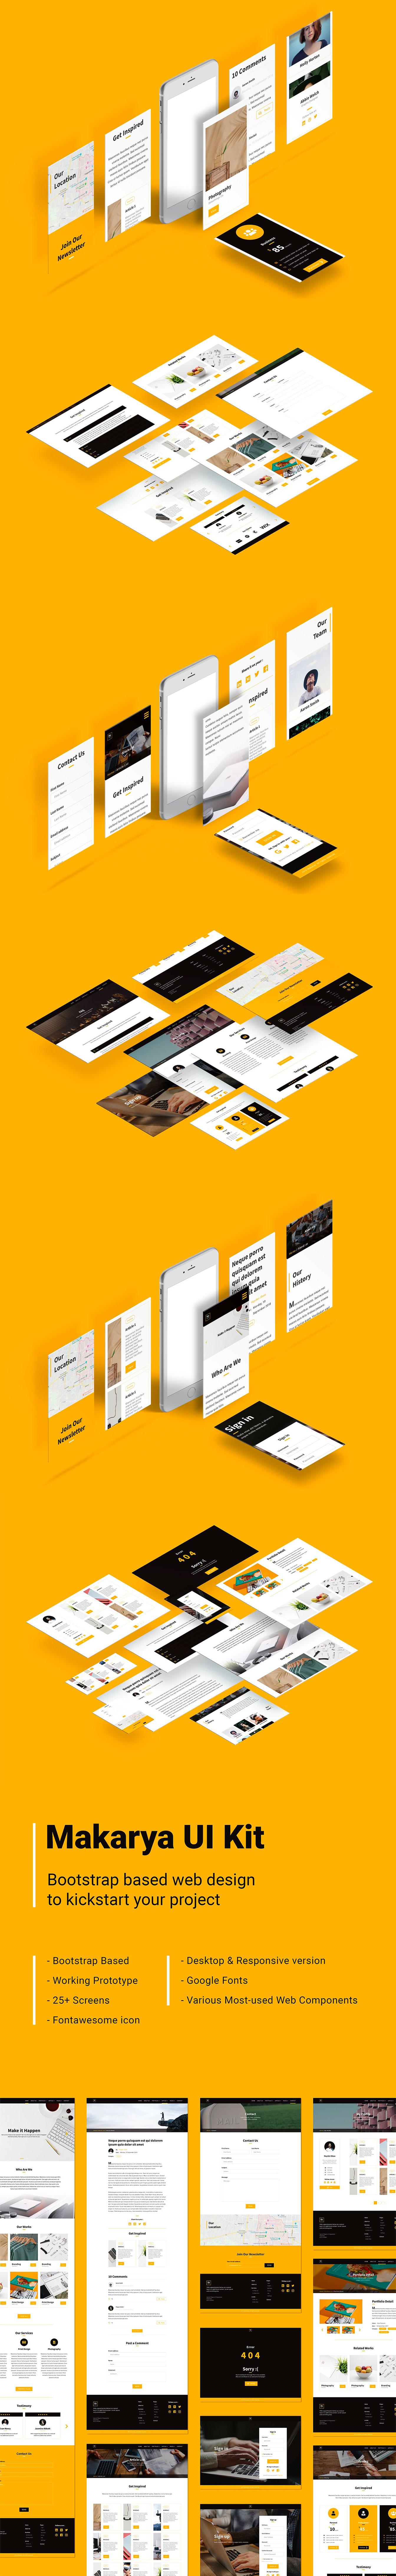 现代多功能响应式网站 WEB UI KIT 模板下载[XD]Makarya UI Kit  Desktop & Responsive Website + Prototype